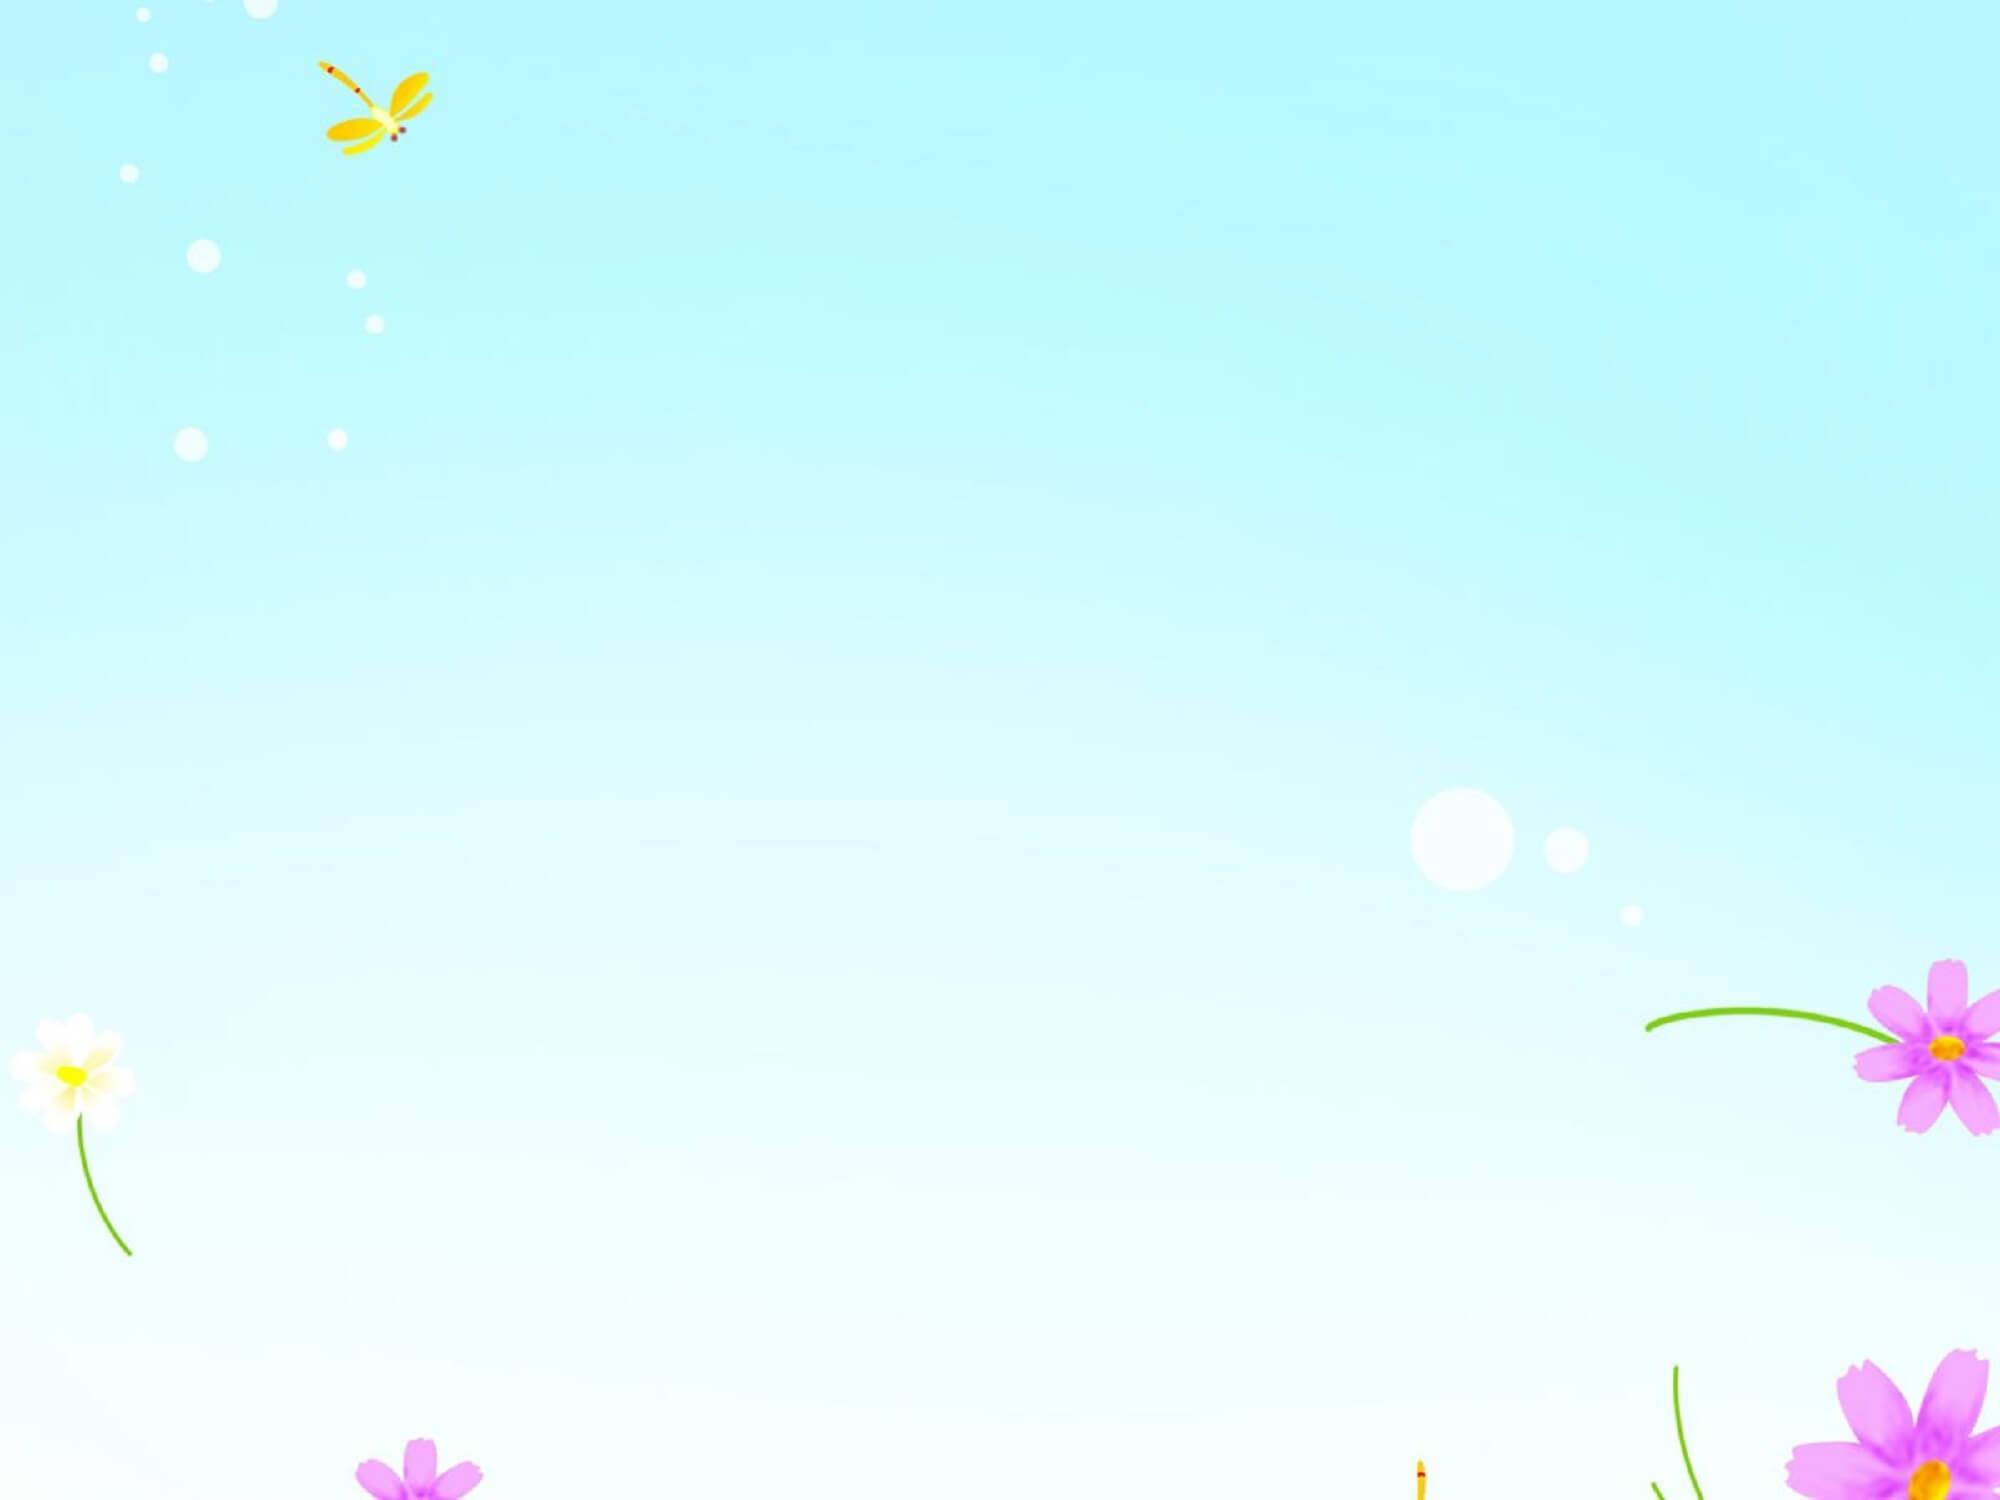 Hình ảnh họa tiết background hoa lá